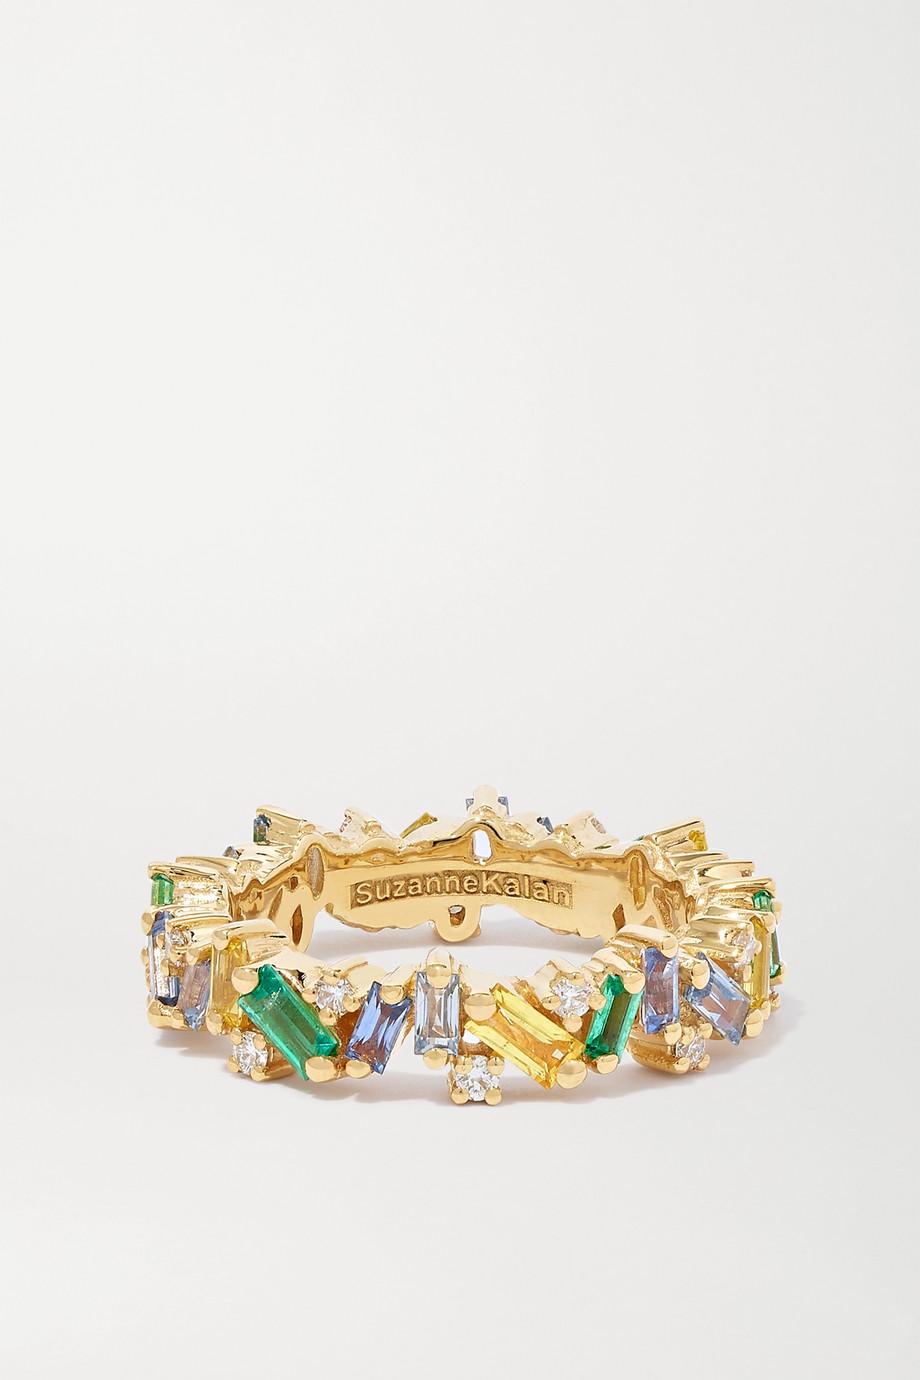 Suzanne Kalan Bague en or 18 carats (750/1000) et pierres multiples